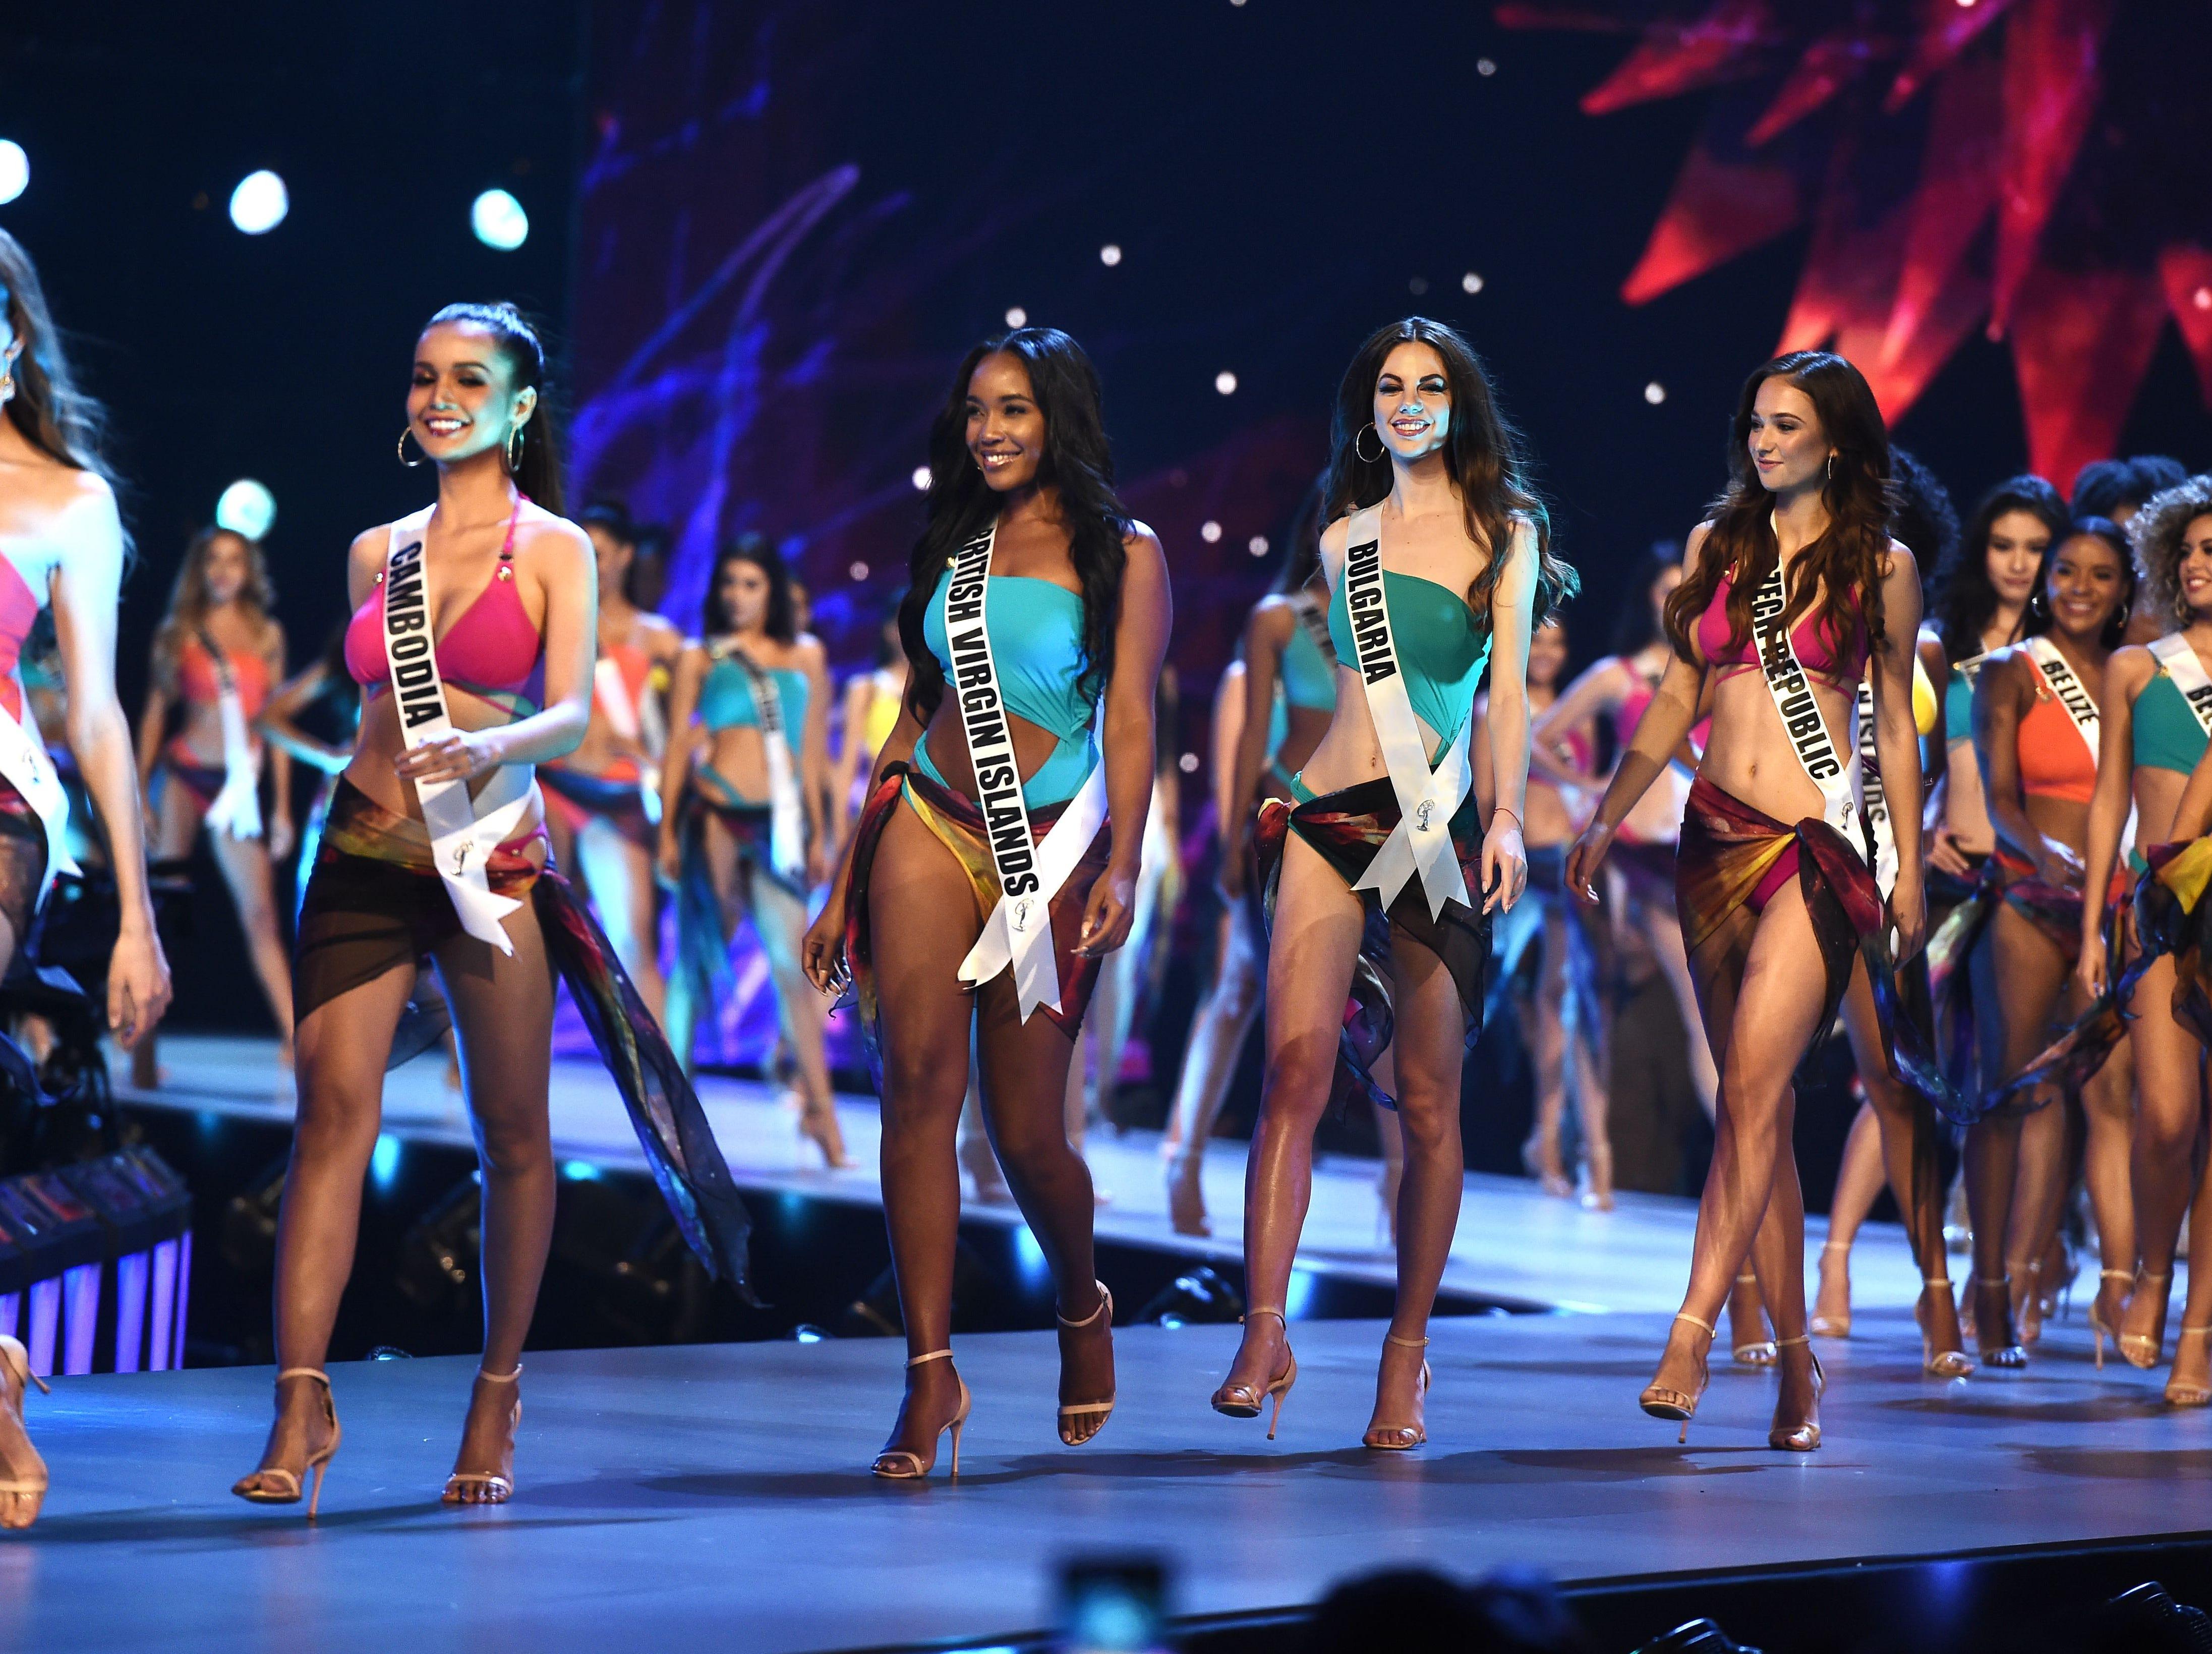 Los concursantes compiten en traje de baño durante el Concurso de Miss Universo de 2018 en Bangkok el 17 de diciembre de 2018.